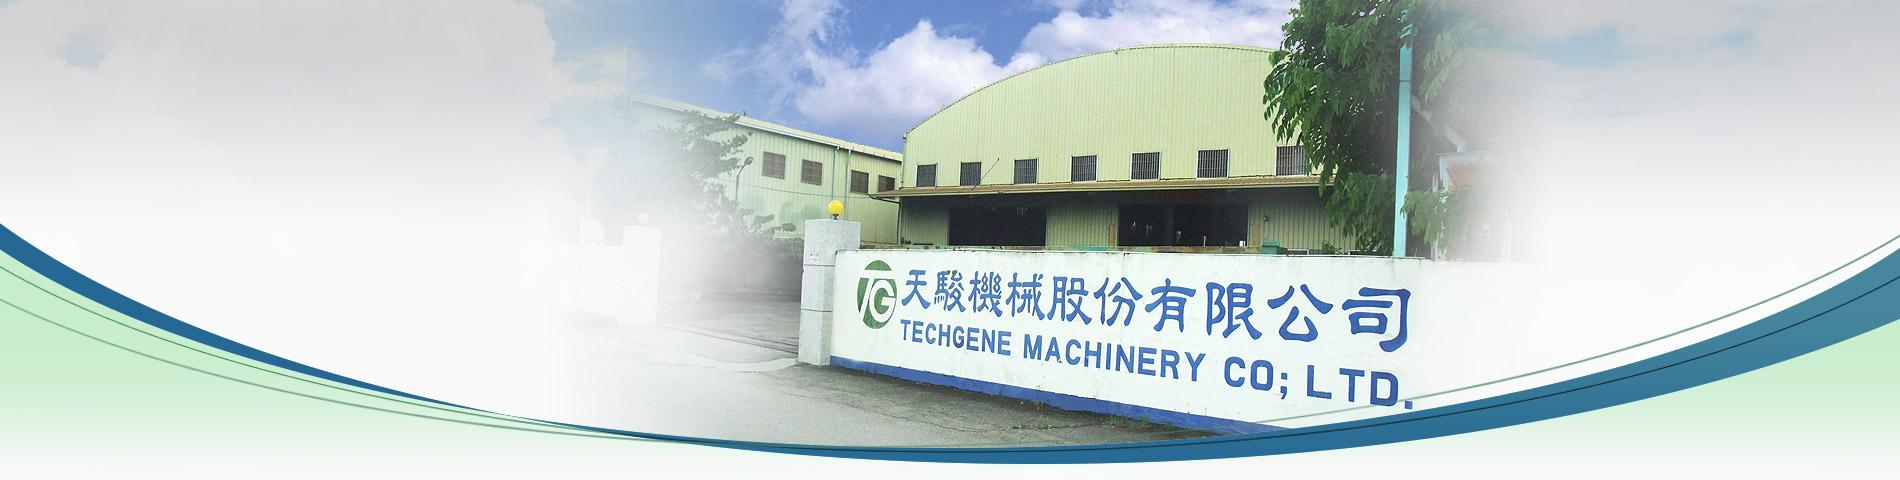 专业设计生产   自动压缩捆包机   之台湾制造商